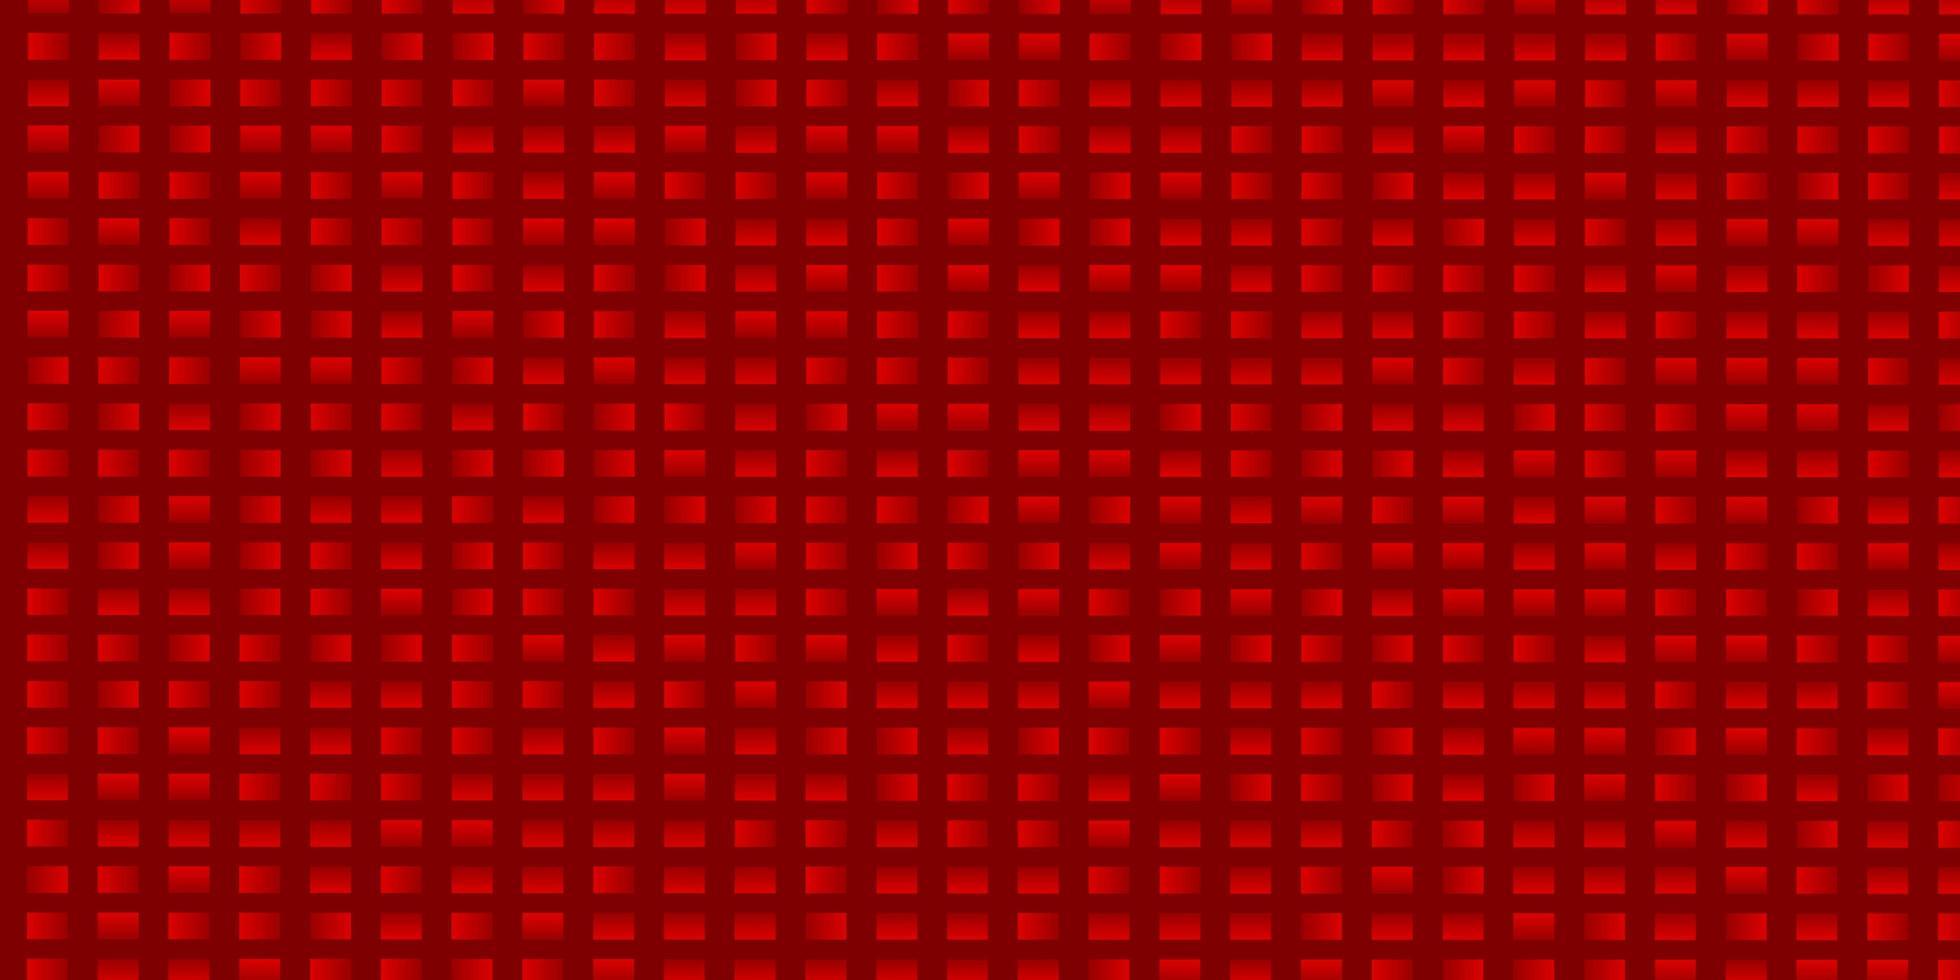 layout de vetor vermelho claro com linhas, retângulos.